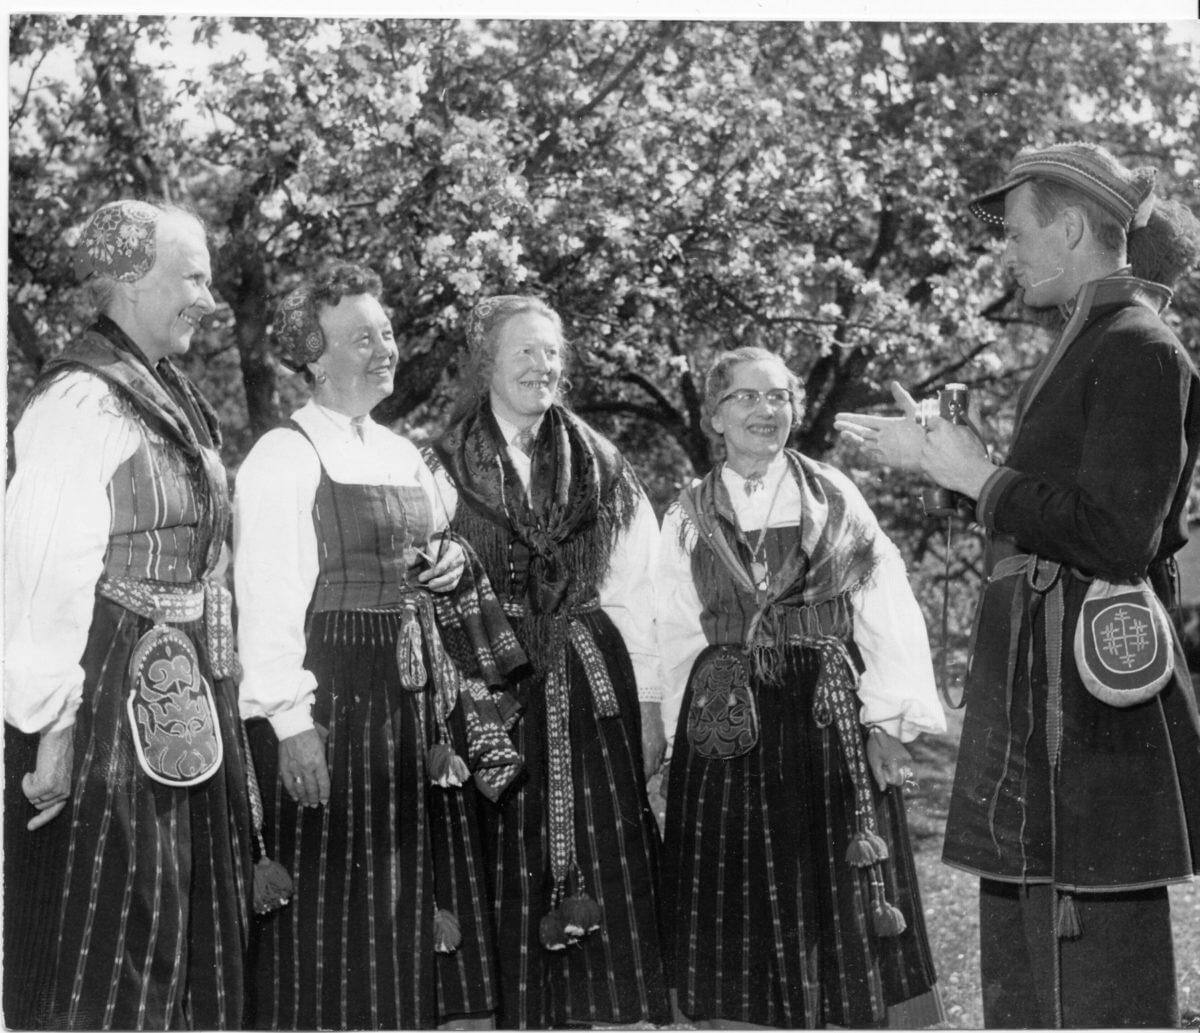 Fyra kvinnor står framför en man med kamera. Kvinnorna har folkdräkt, Delsbodräkt med sjalar, hättor och väskor. Mannen har klätt sig som en same och håller i en småbildskamera. Det är sommar och de står framför ett blommande äppelträd.